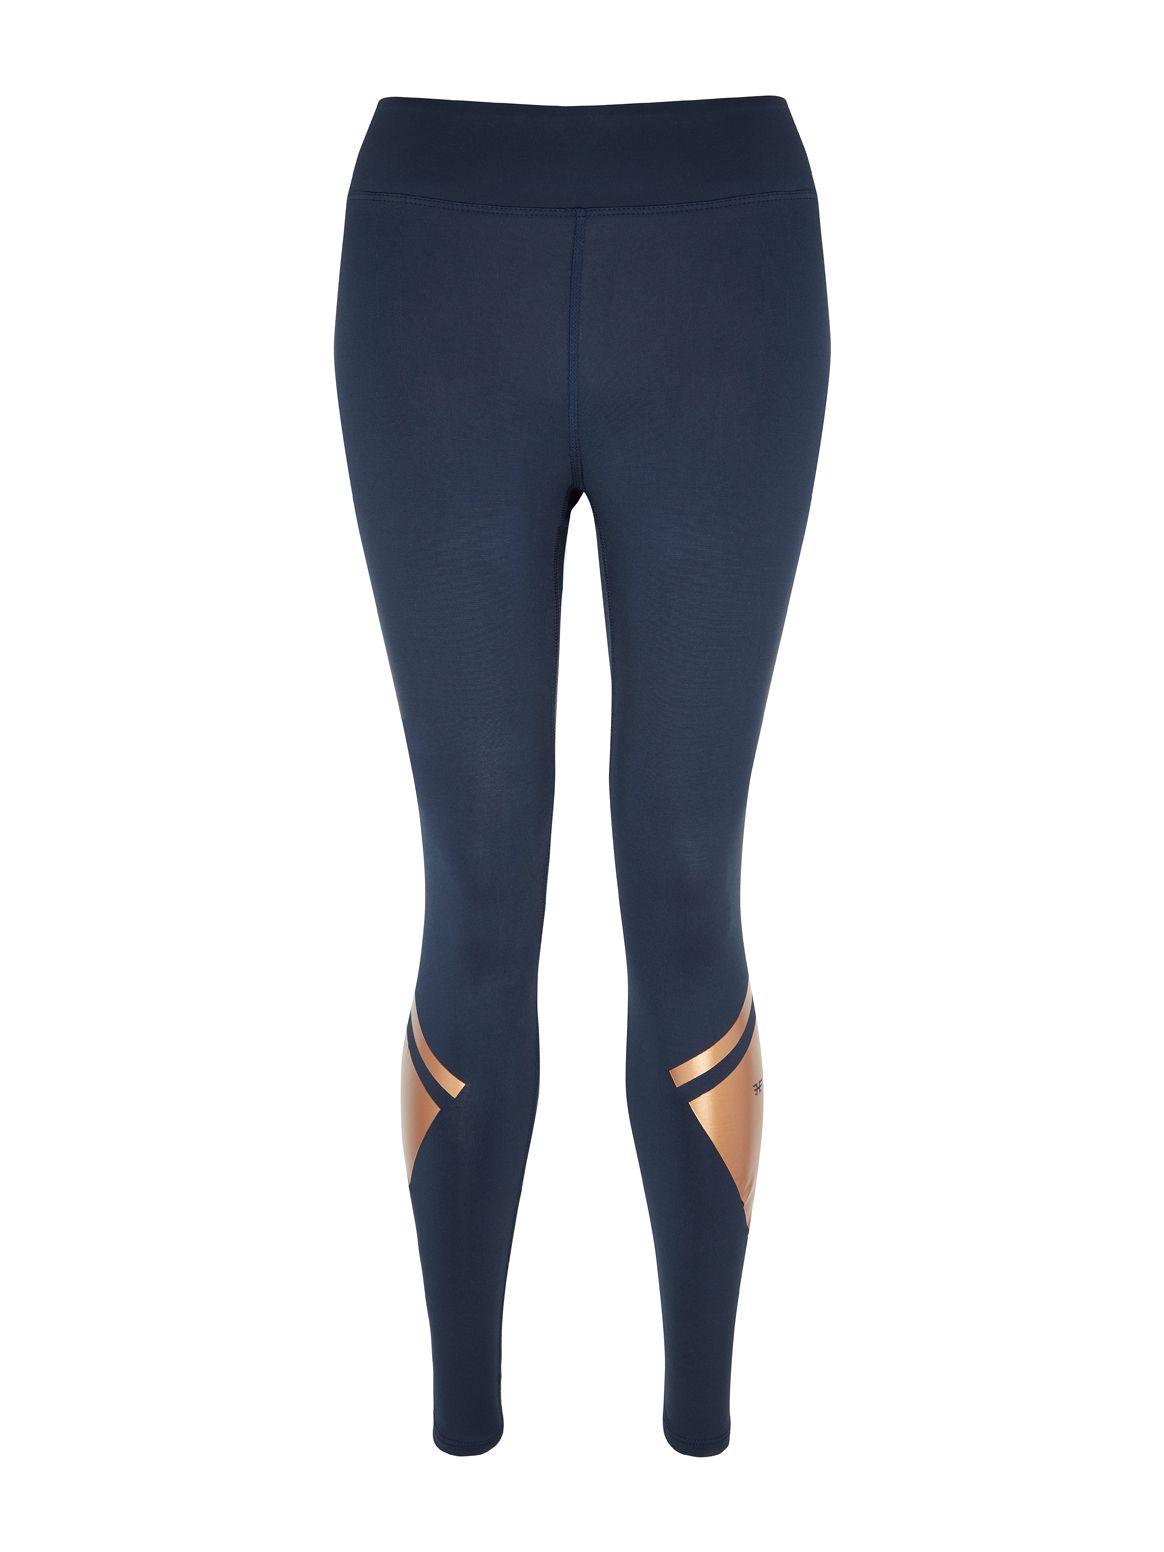 Heroine Sport Flex Leggings Flex leggings, Active wear